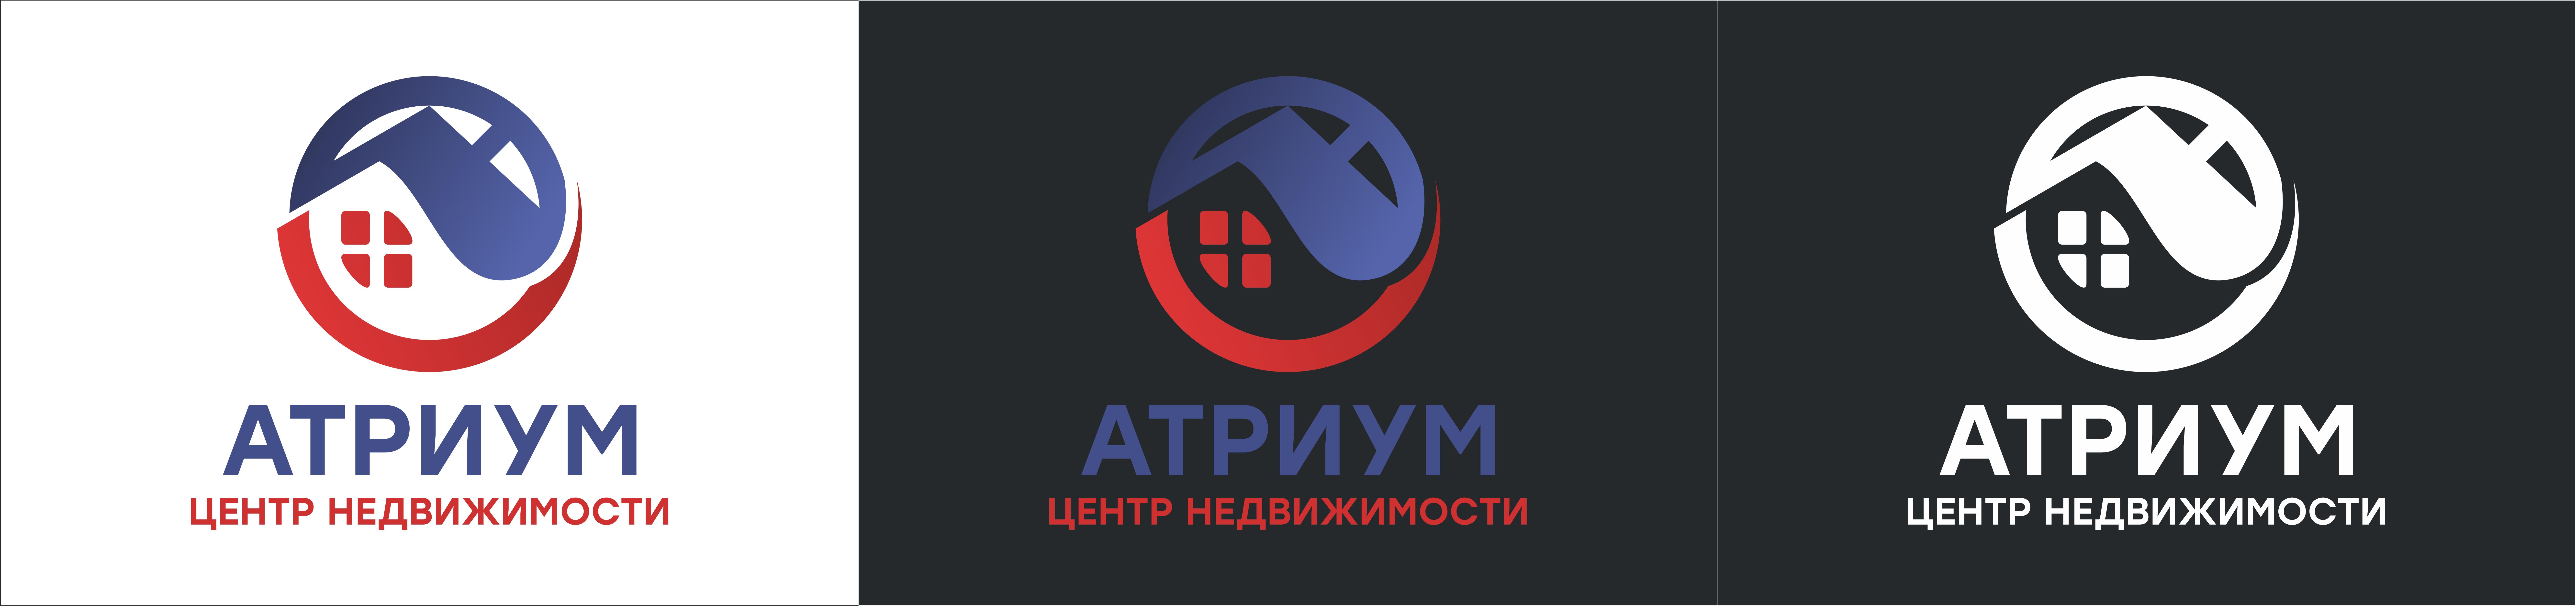 Редизайн / модернизация логотипа Центра недвижимости фото f_9745bc0cb11c78ce.png